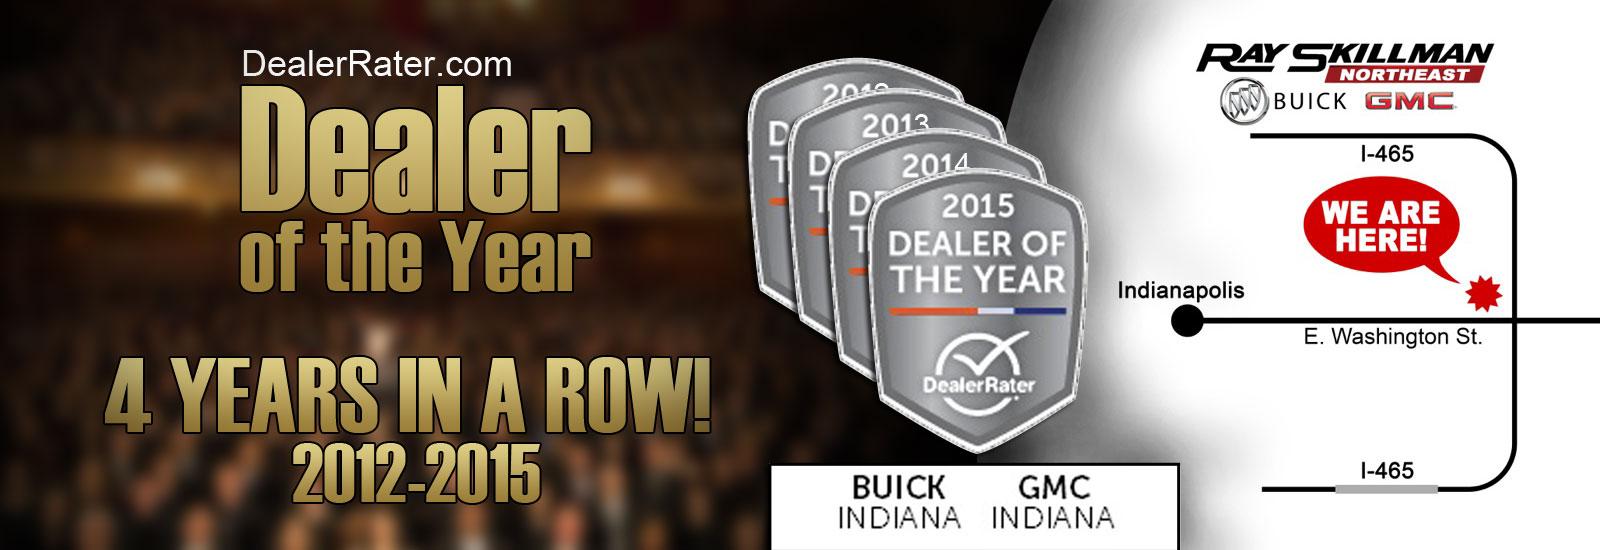 BGMC_Award_Banner